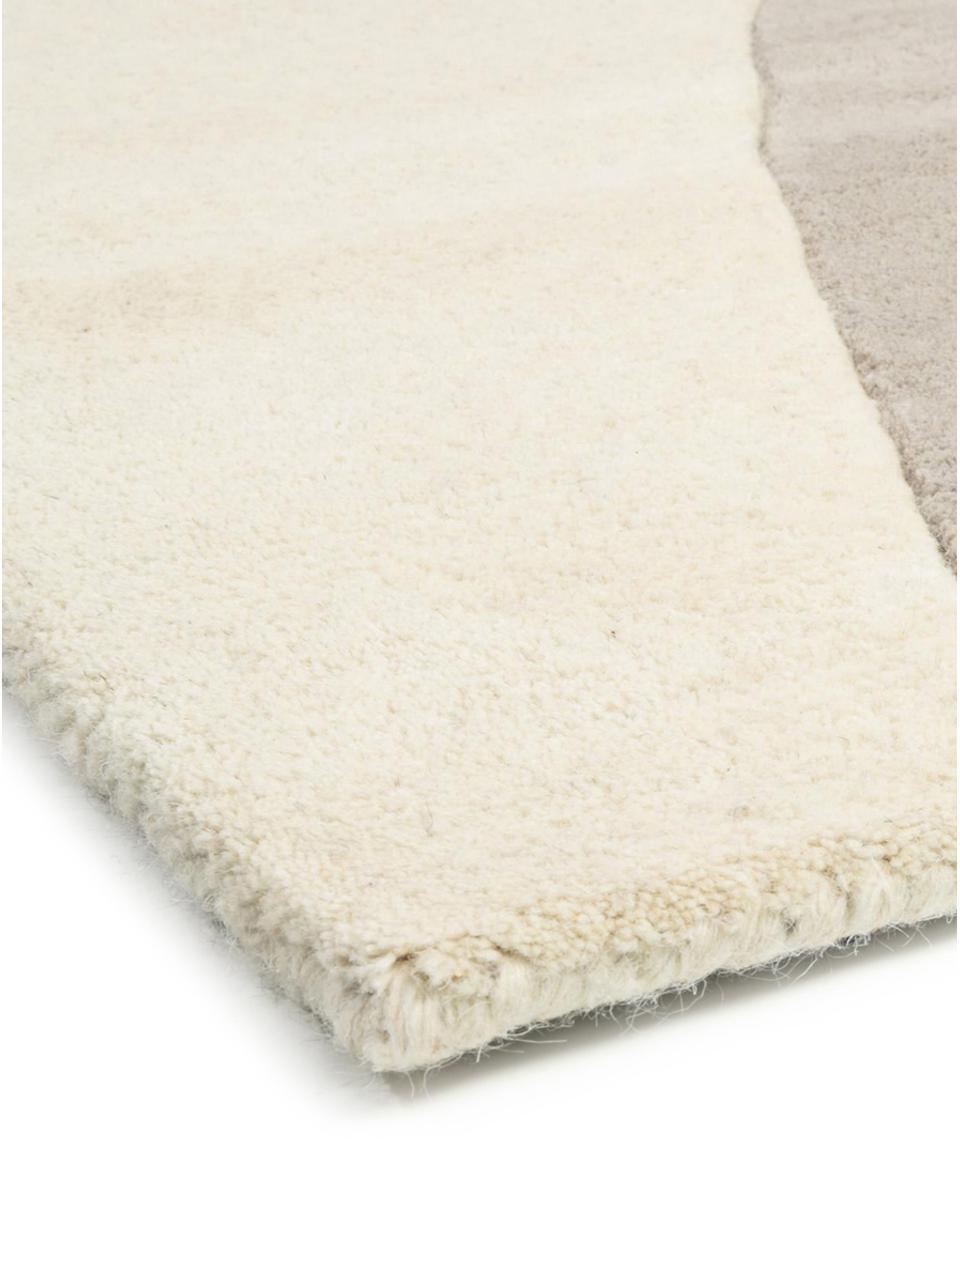 Handgetuft wollen vloerkleed Matrix Arc met geometrisch patroon, Bovenzijde: 100% wol, Onderzijde: katoen, Beigetinten, roze, lichtgrijs, zwart, B 200 x L 300 cm (maat L)